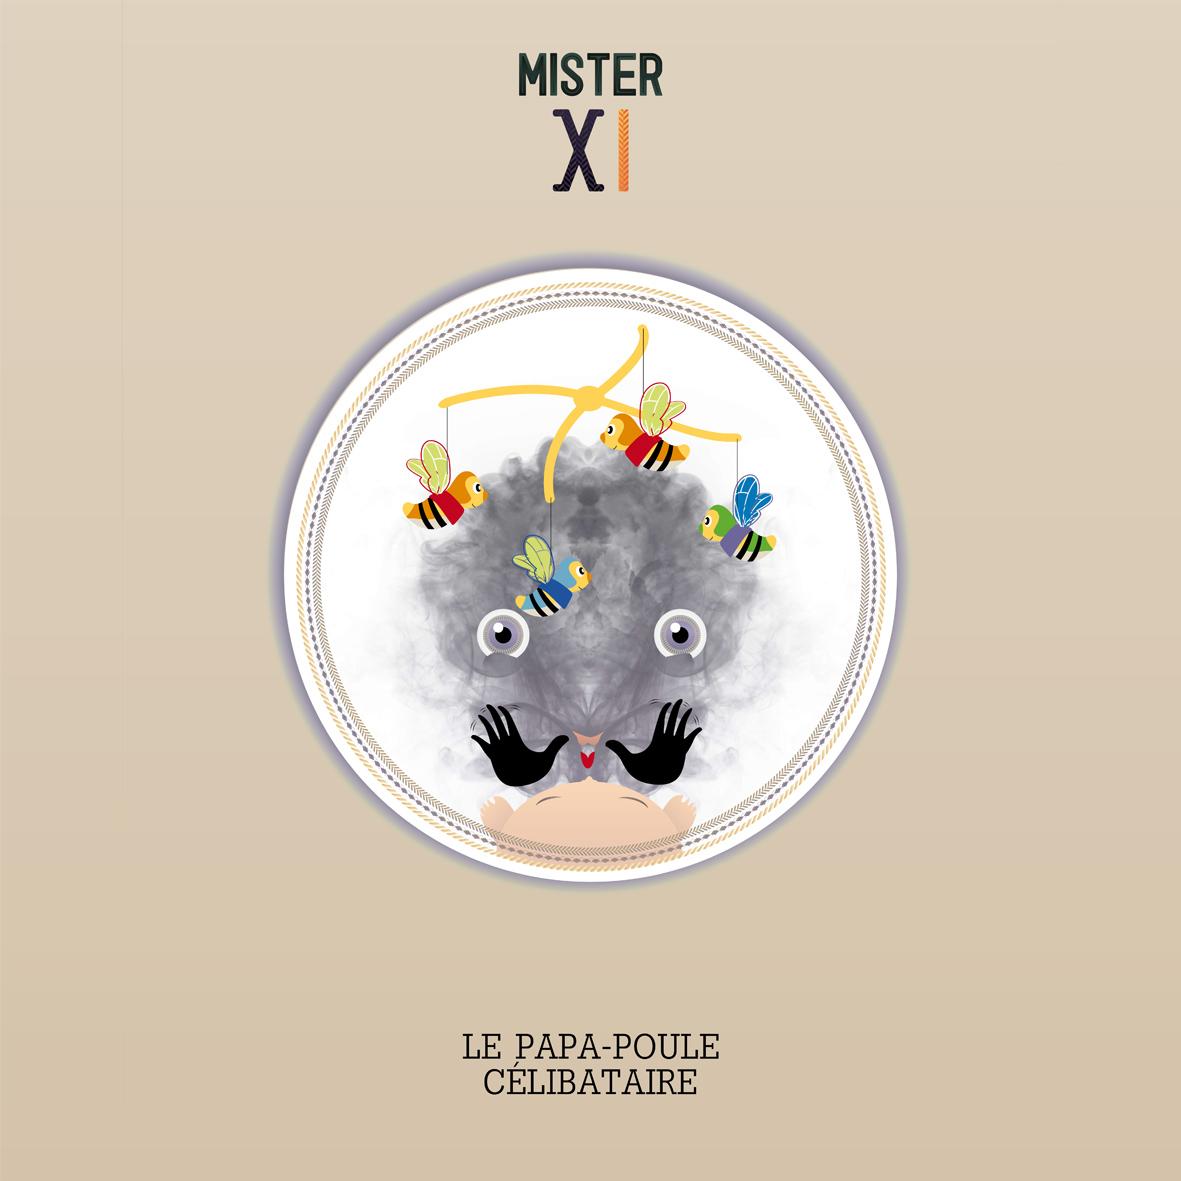 Mister X I